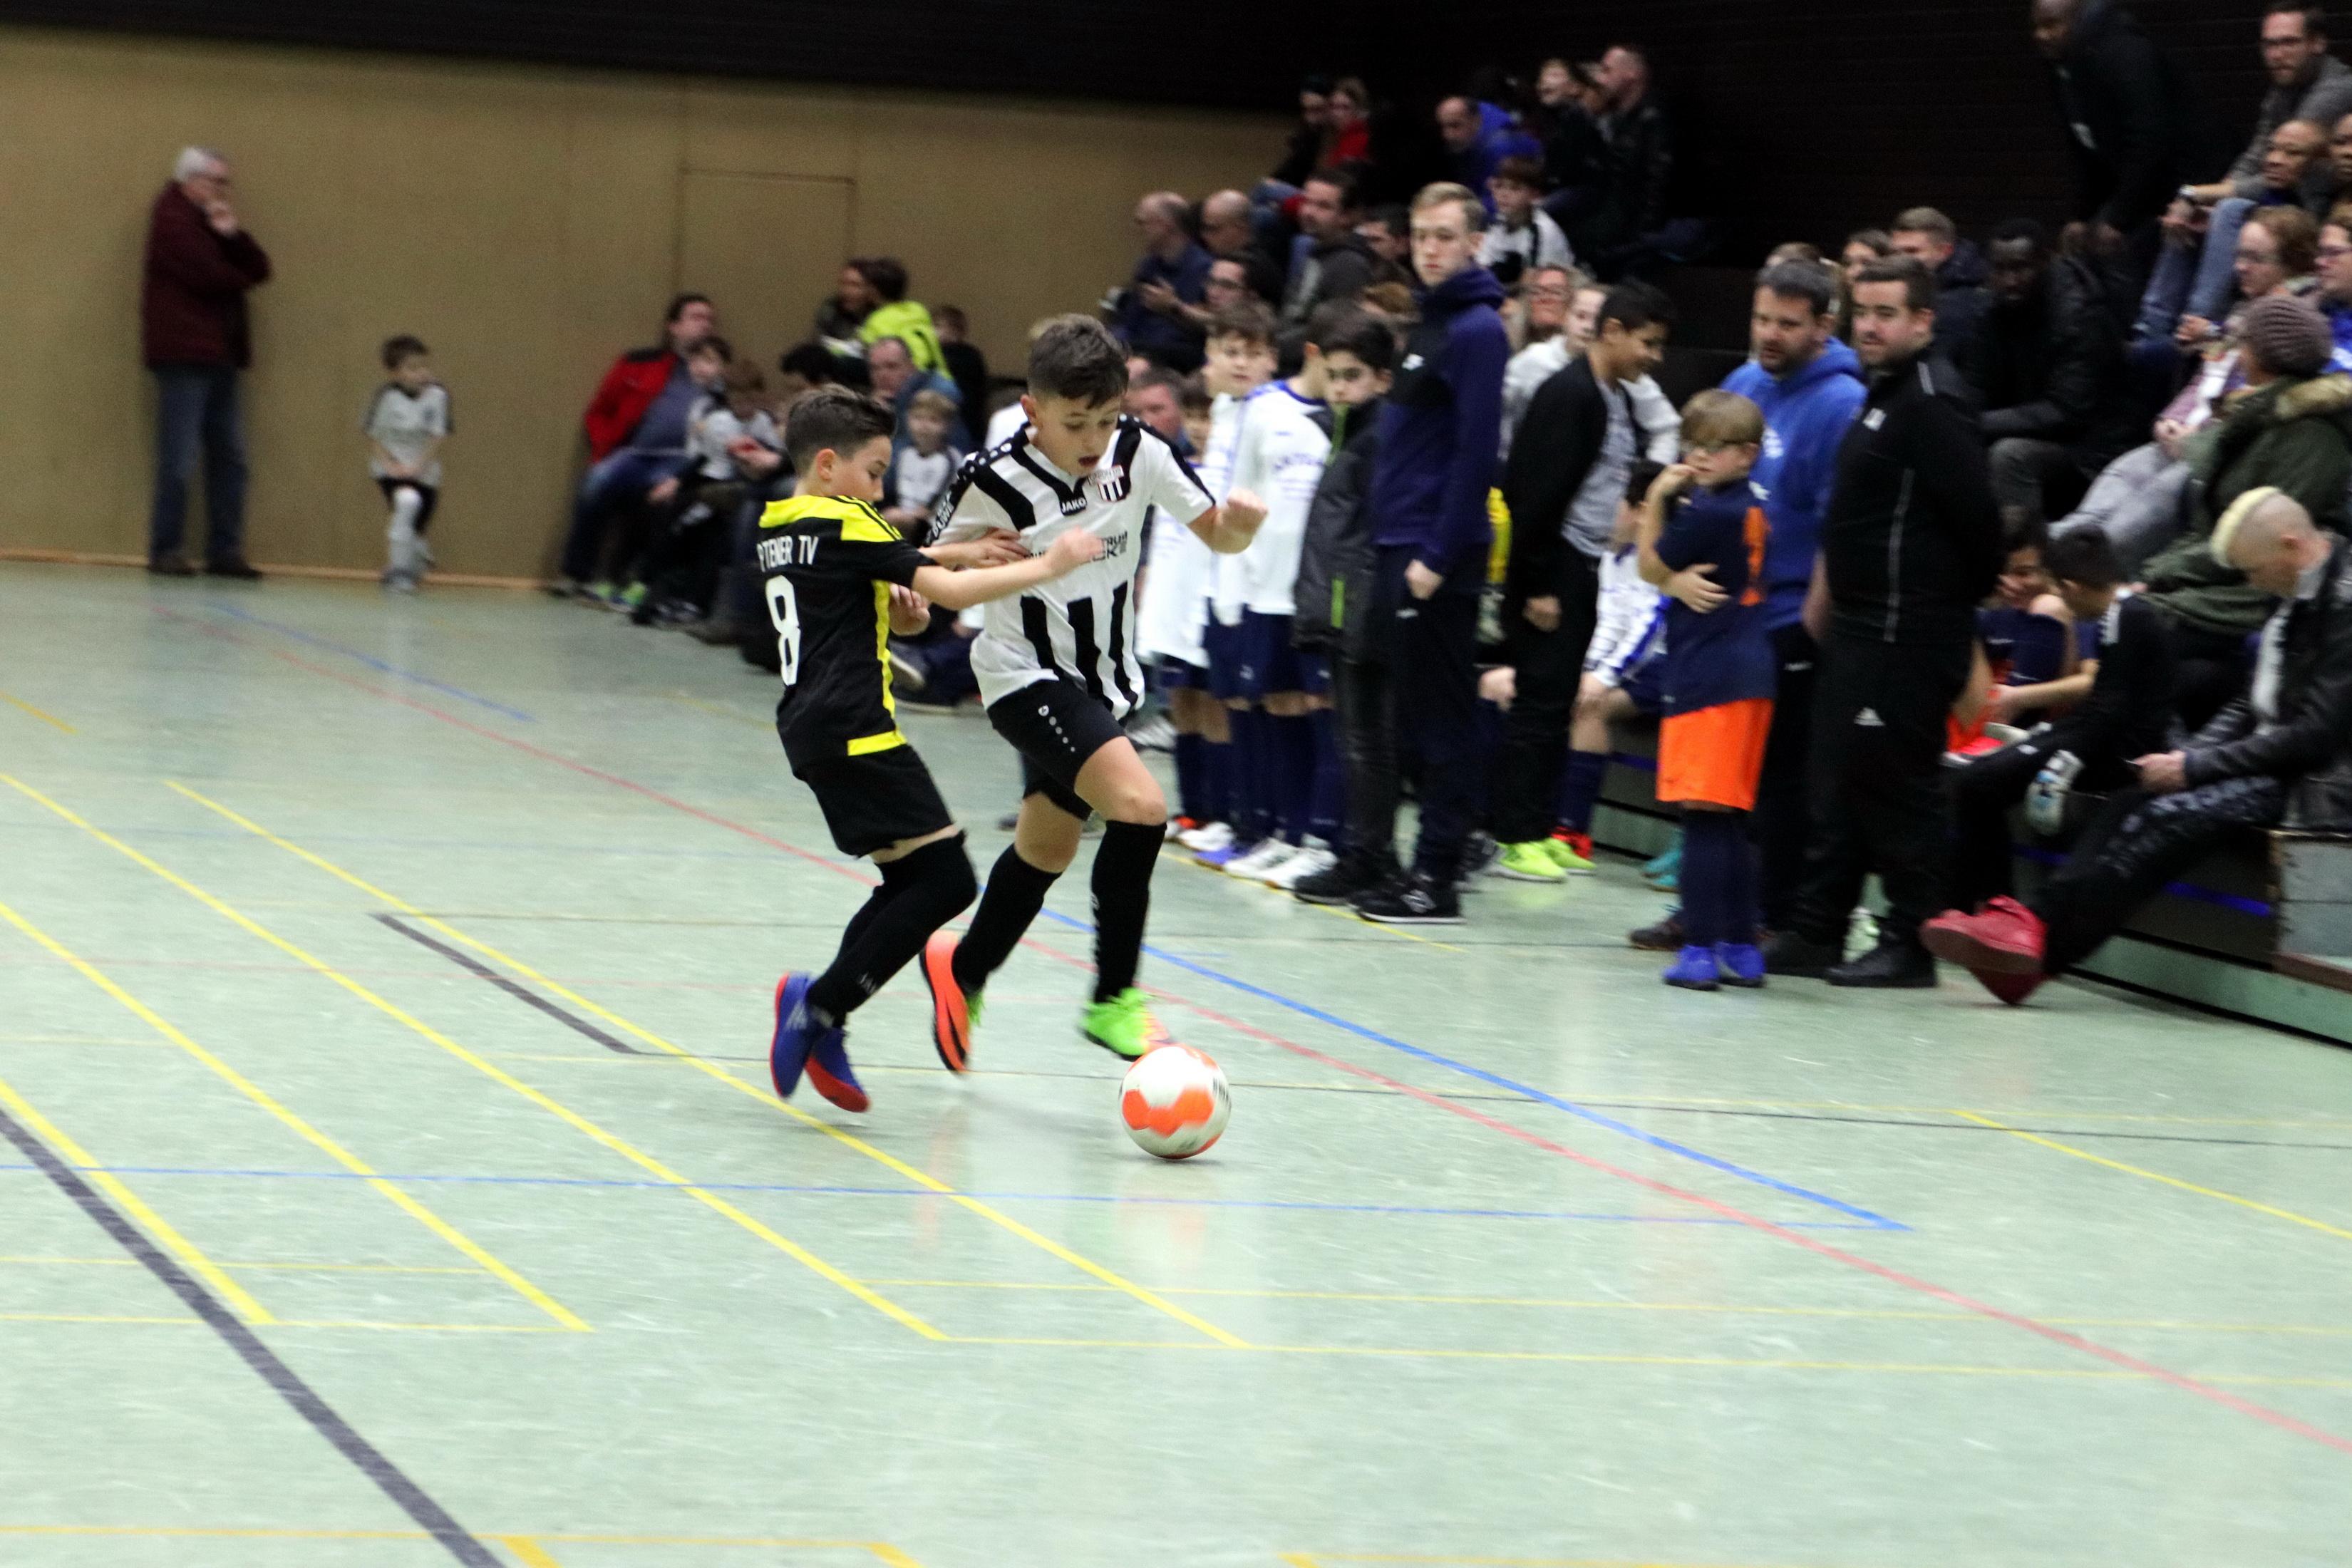 E1 – belegt den 5.Platz beim Futsal Turnier